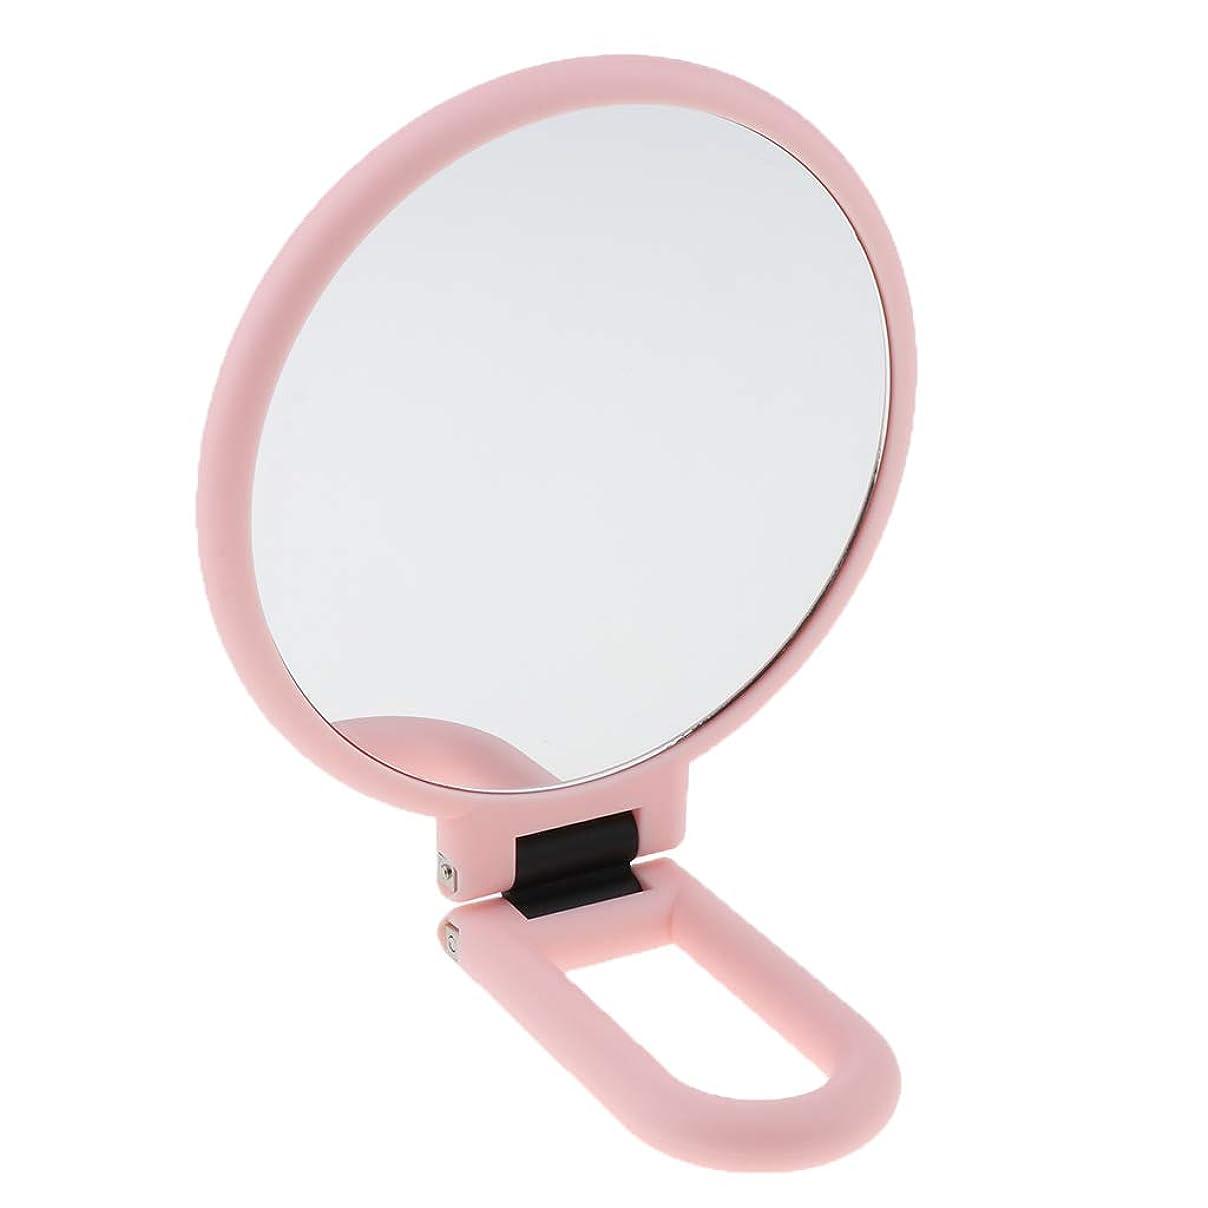 蘇生する重力ライムCUTICATE 化粧鏡 ミラー 化粧ミラー 折りたたみ式 両面 拡大鏡 全3選択 - 2倍拡大